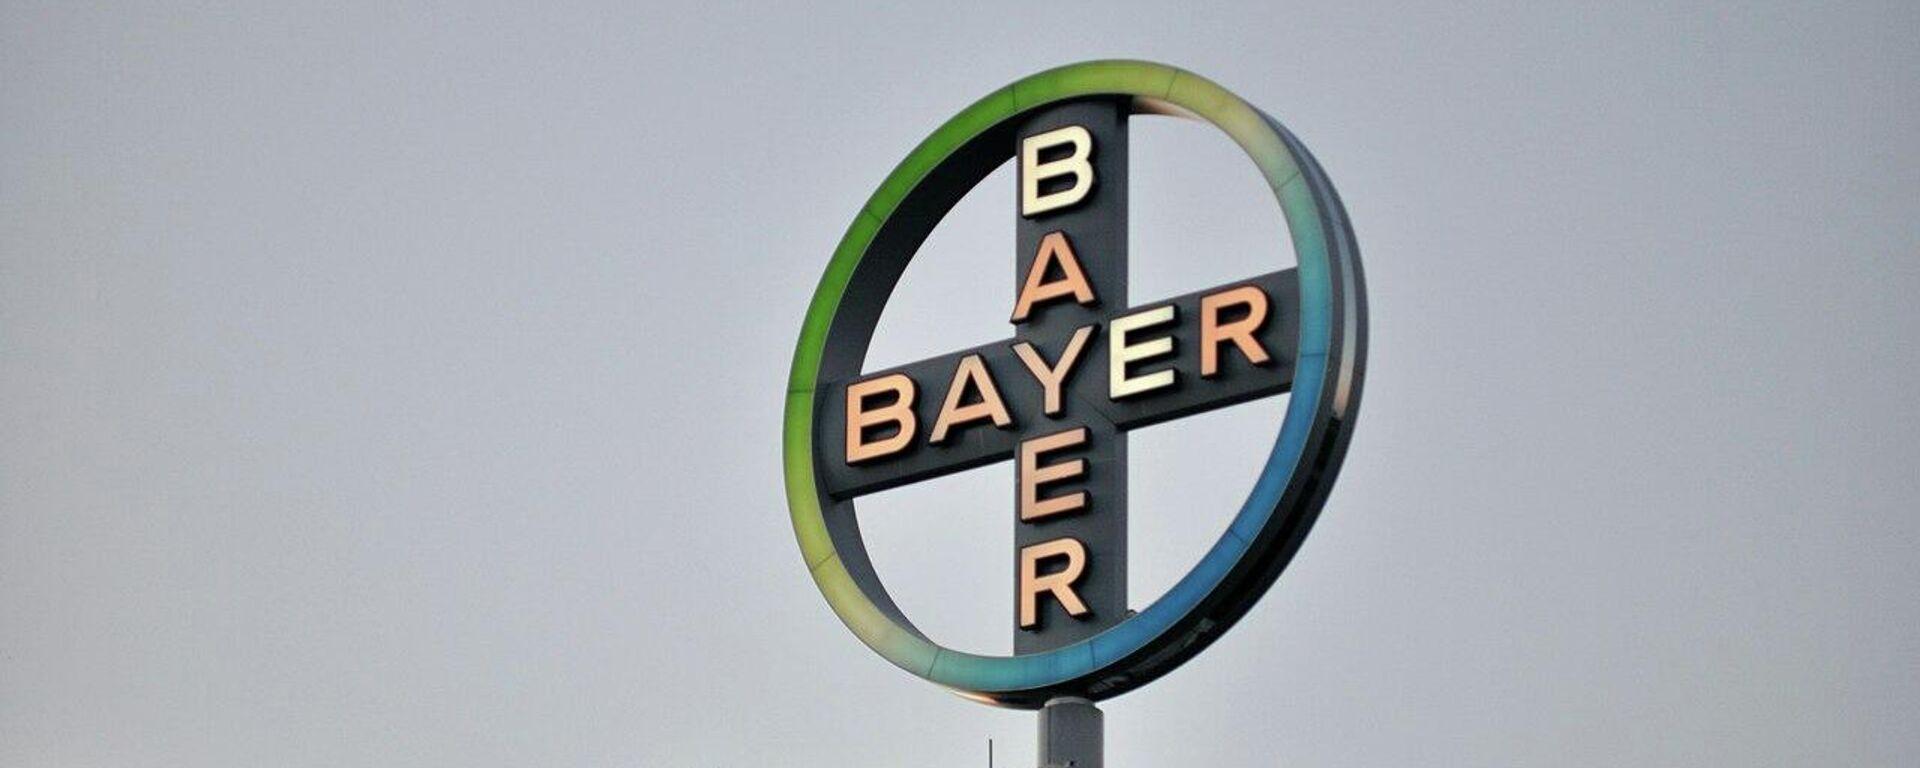 Bayer-Standort in Berlin (Archivbild) - SNA, 1920, 27.01.2021